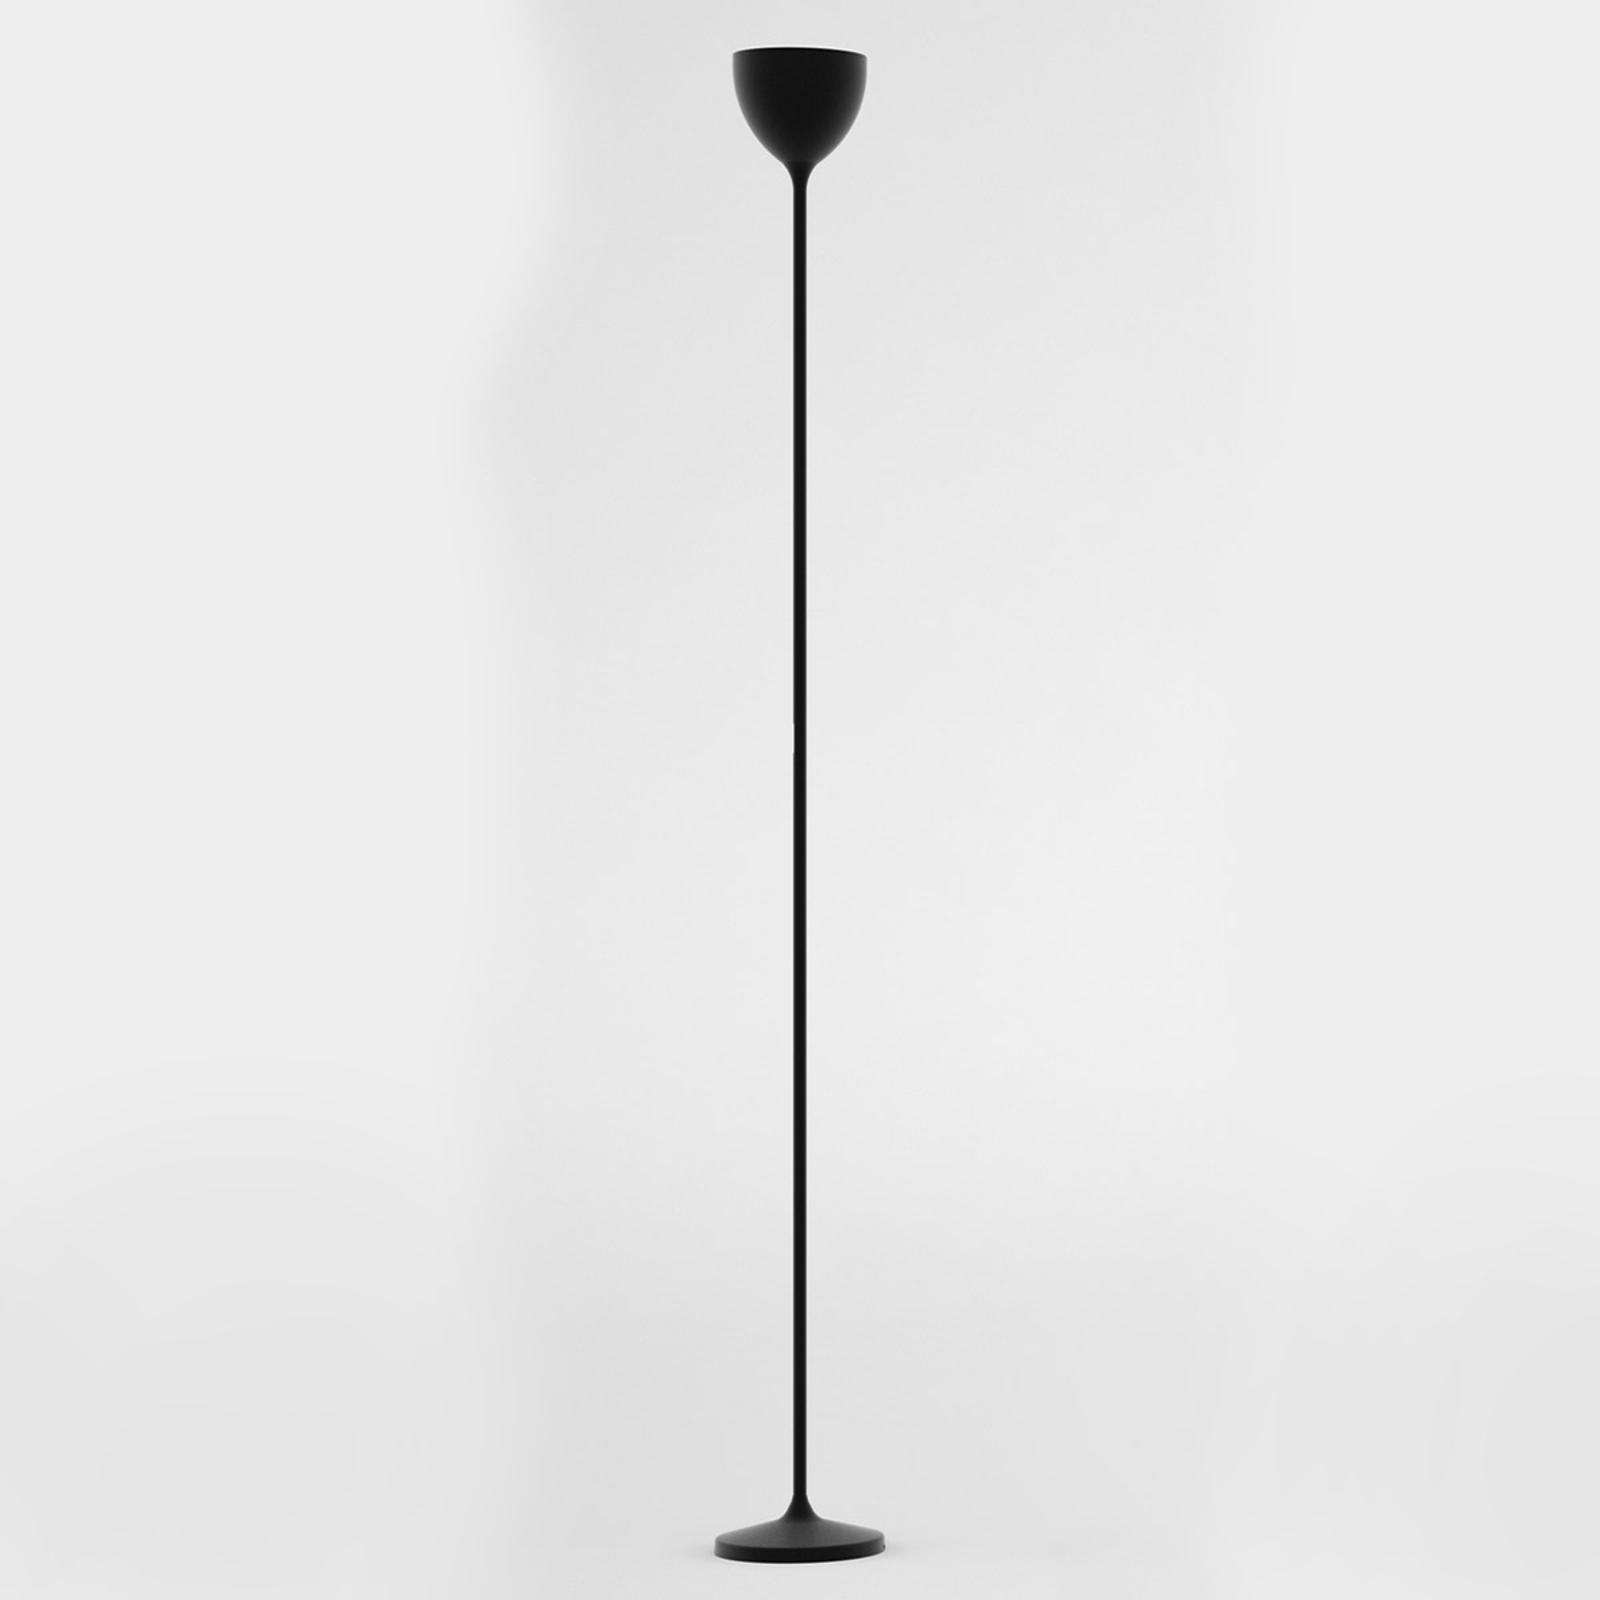 Rotaliana Drink LED-Stehleuchte, schwarz matt